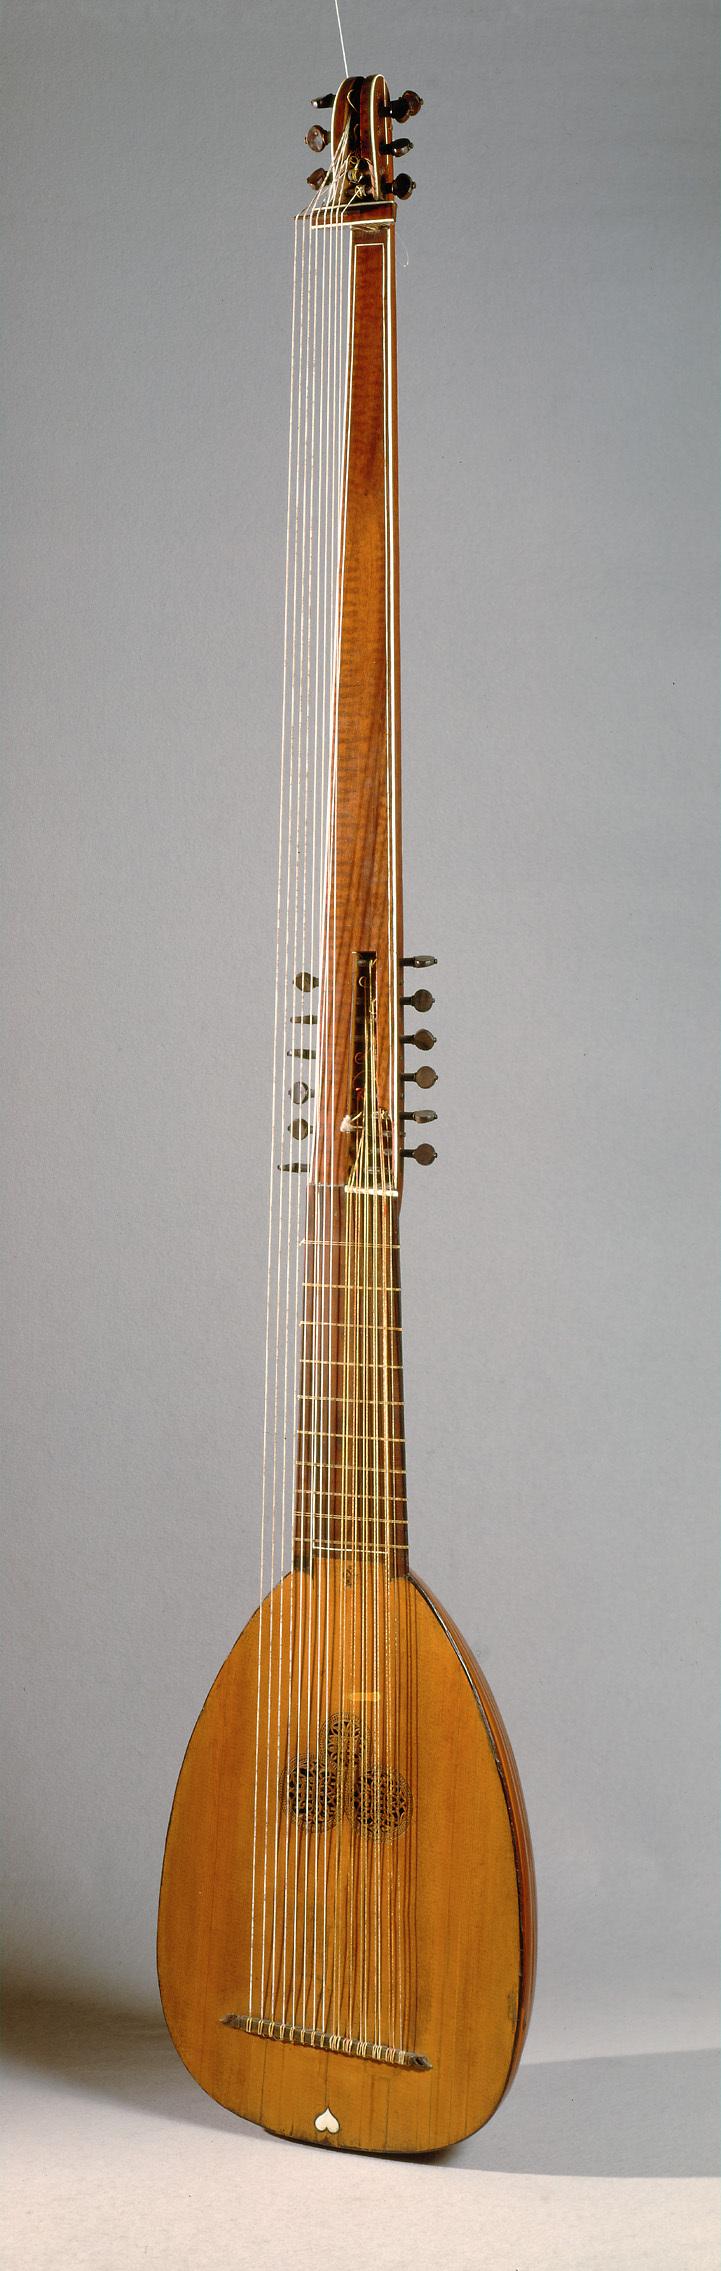 Chitarrone von Magnus Tiefenbrucker